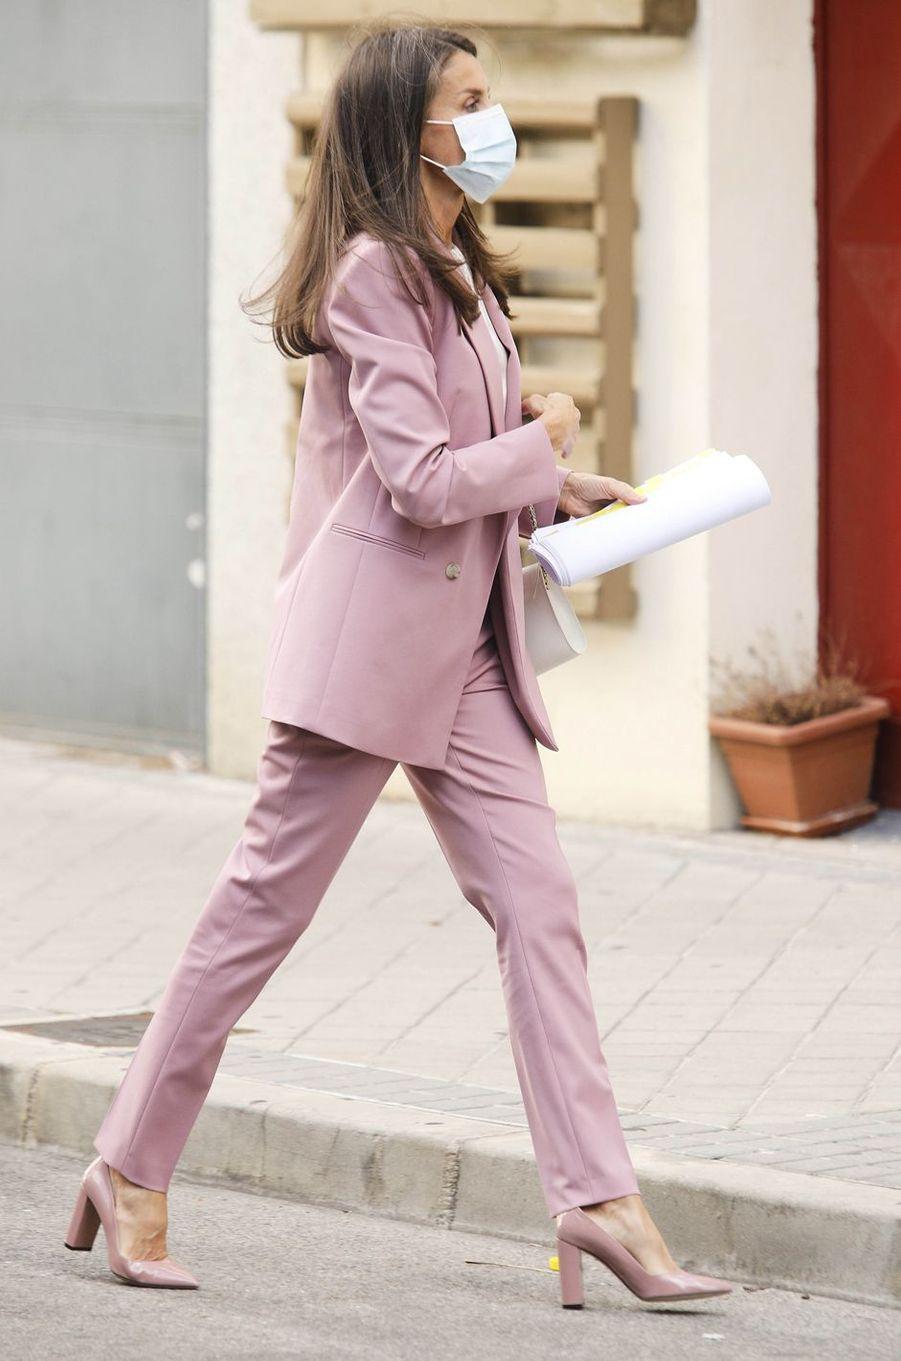 La reine Letizia d'Espagne en rose et blanc à Madrid, le 24 septembre 2020